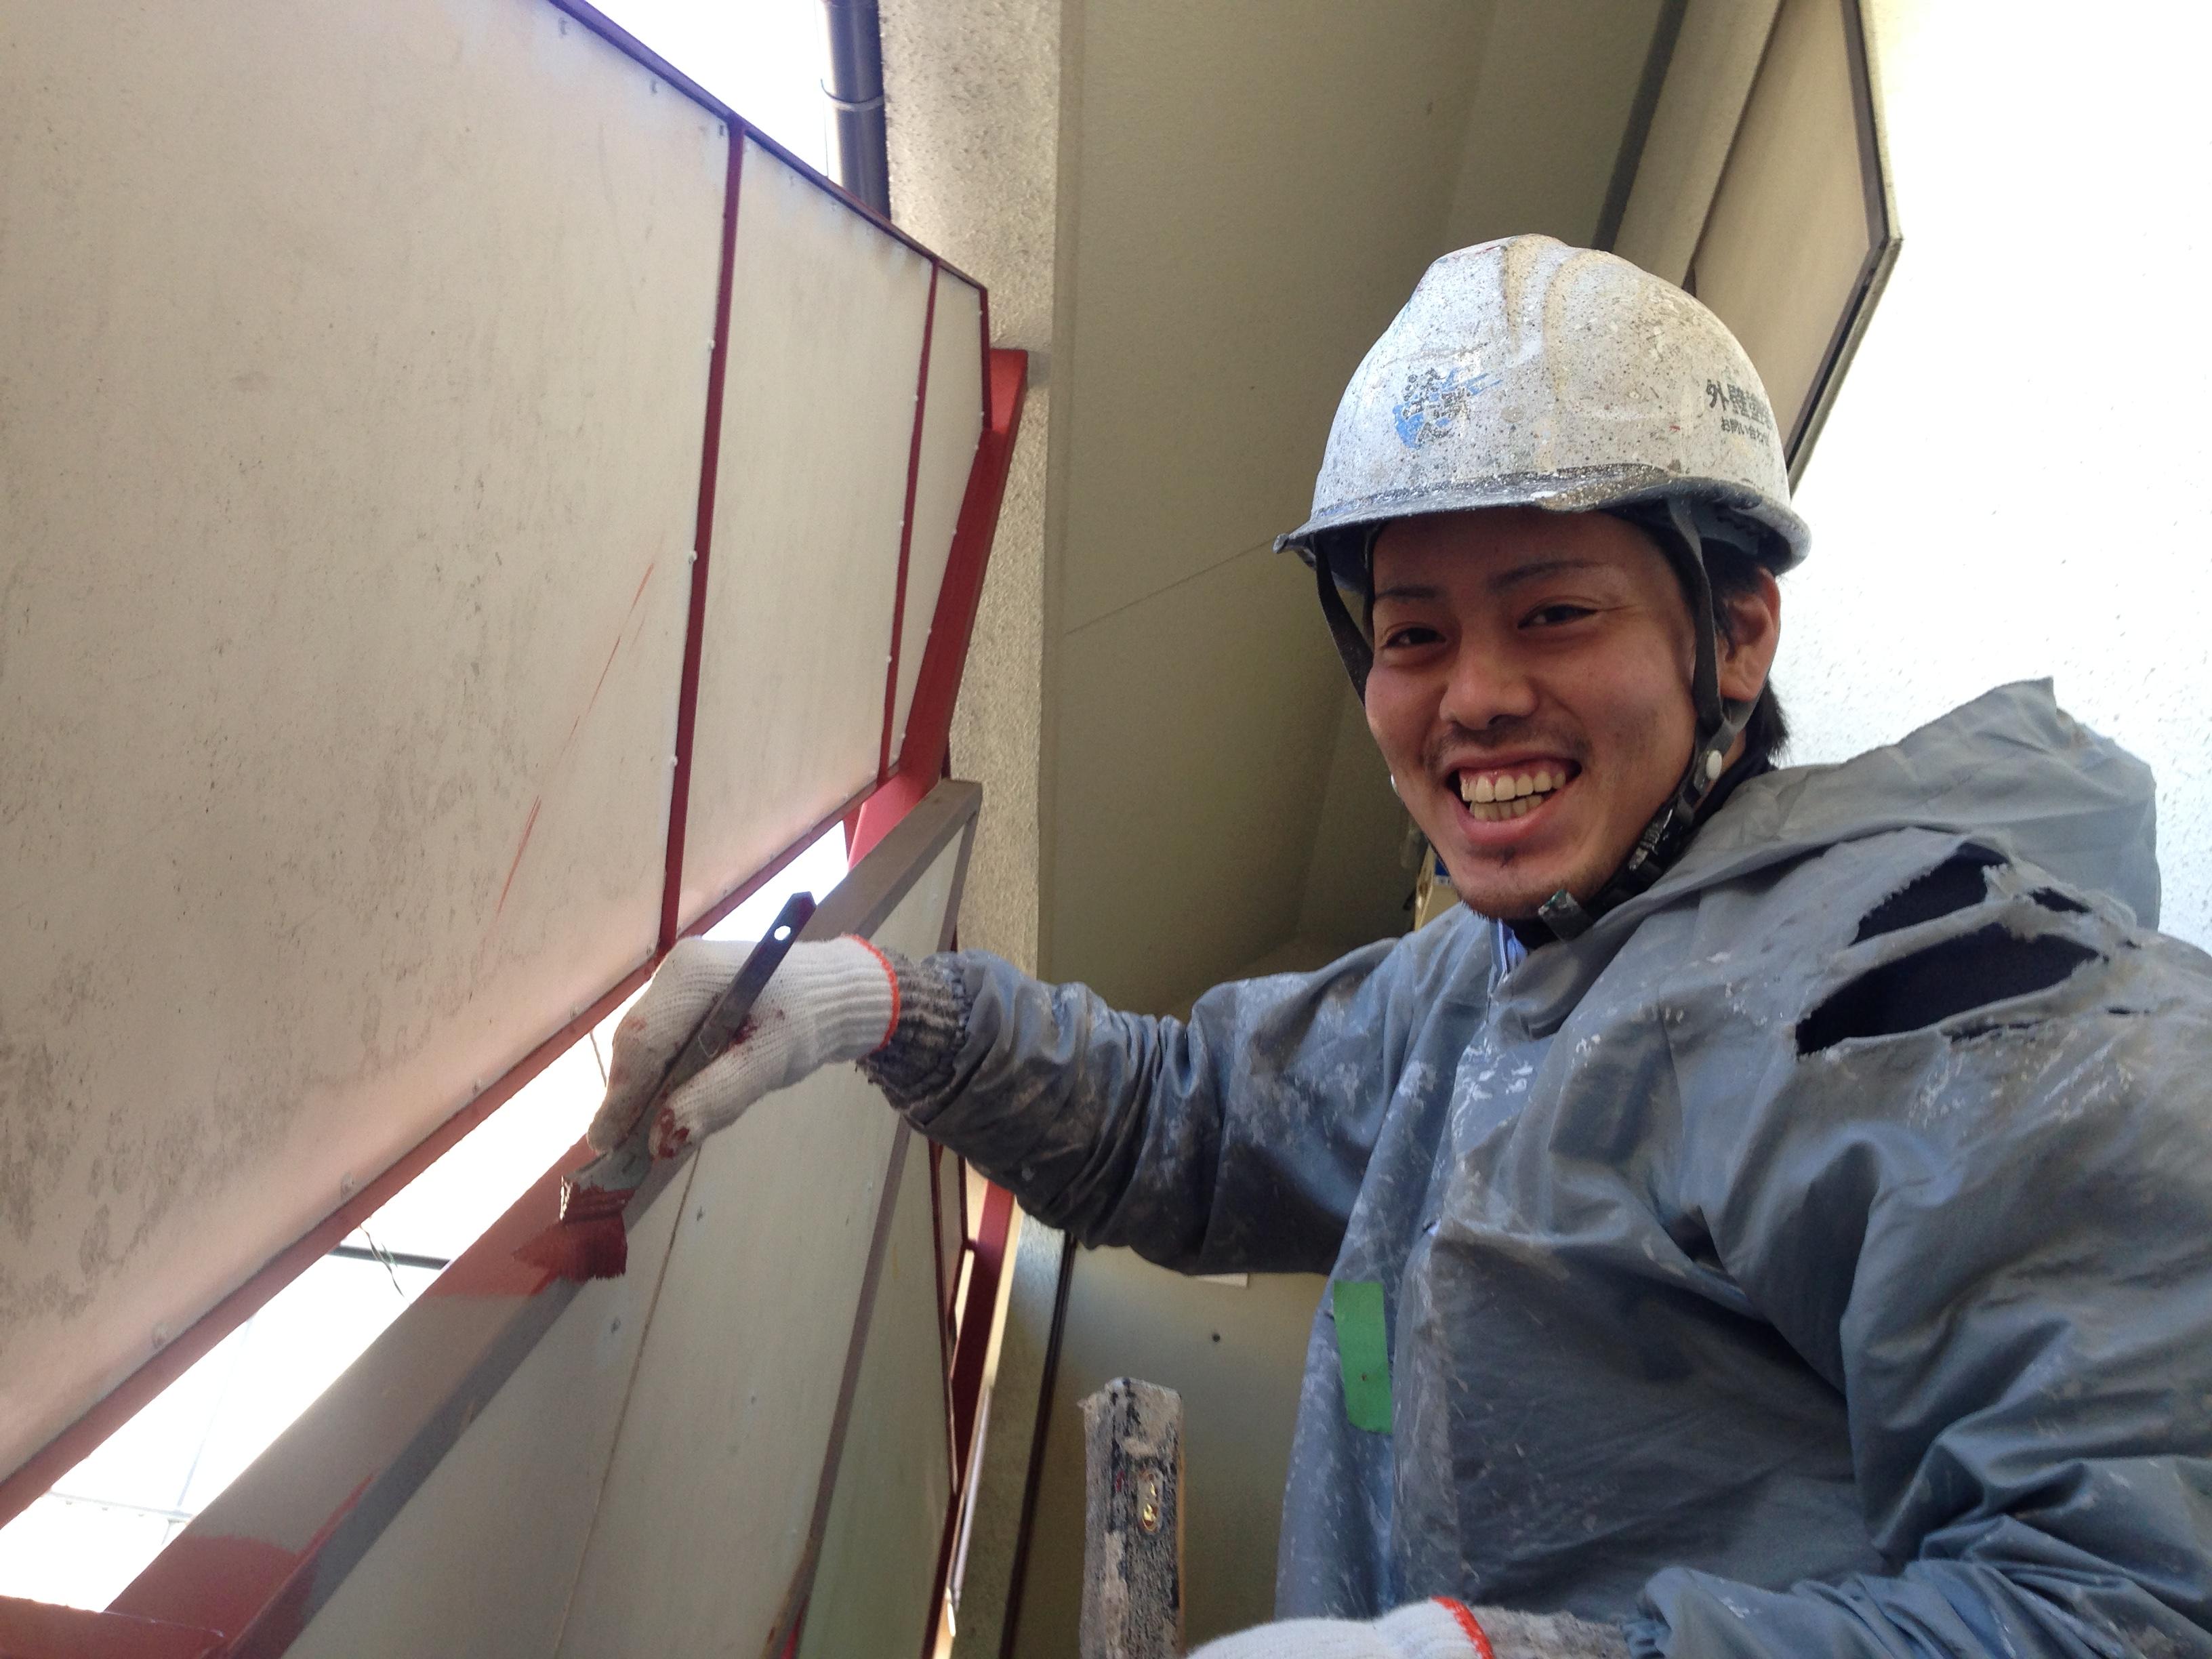 Tuyển lao động Nam đơn hàng sơn kim loại xuất khẩu tại Nhật Bản